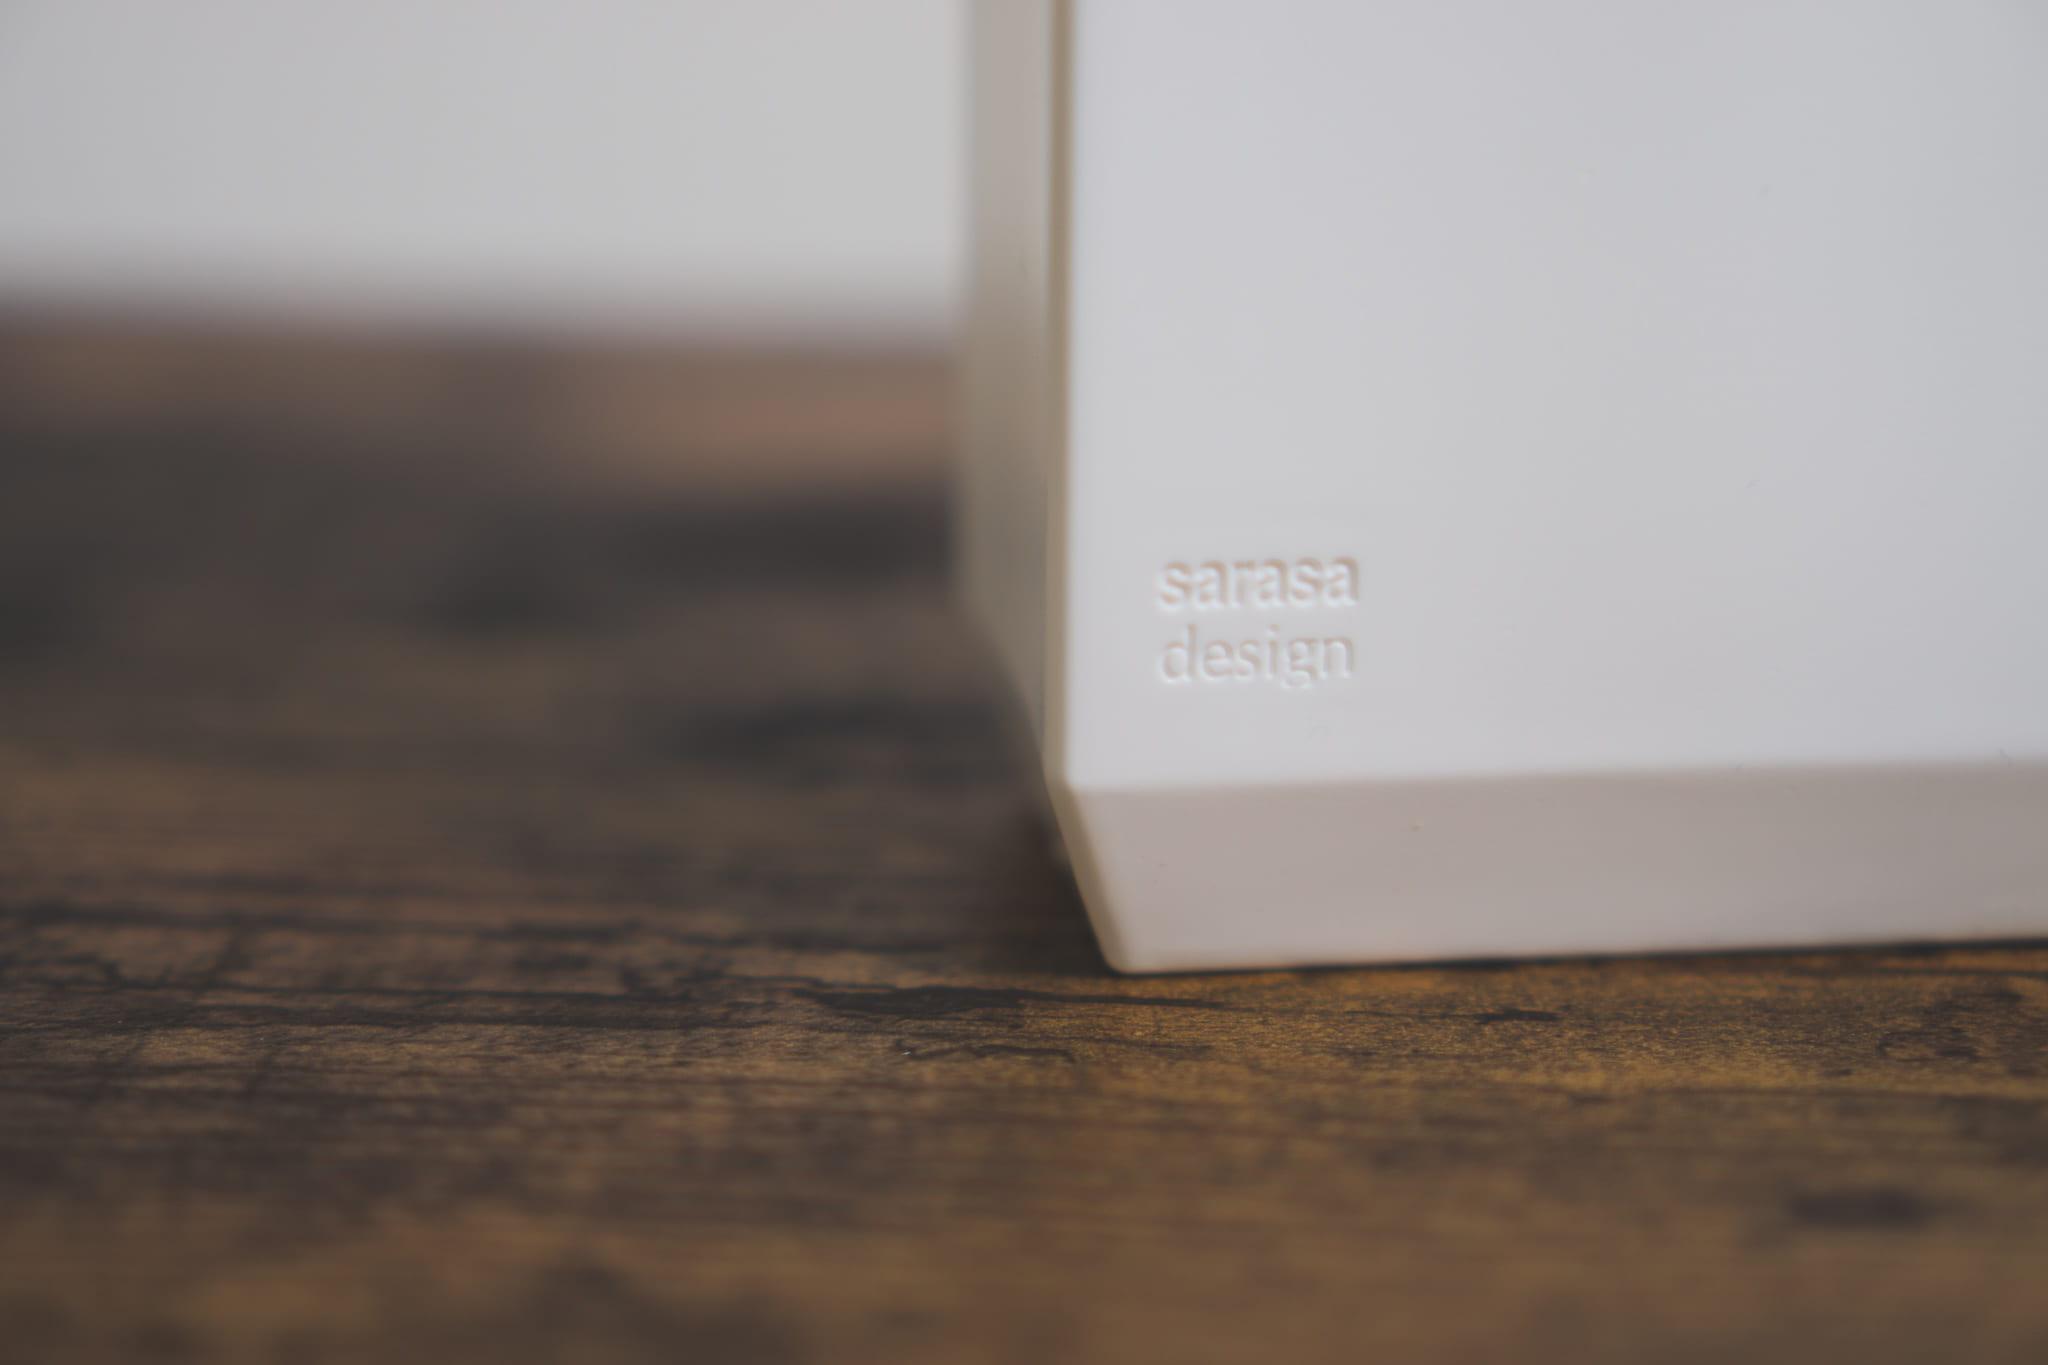 無駄のないシンプルなデザイン